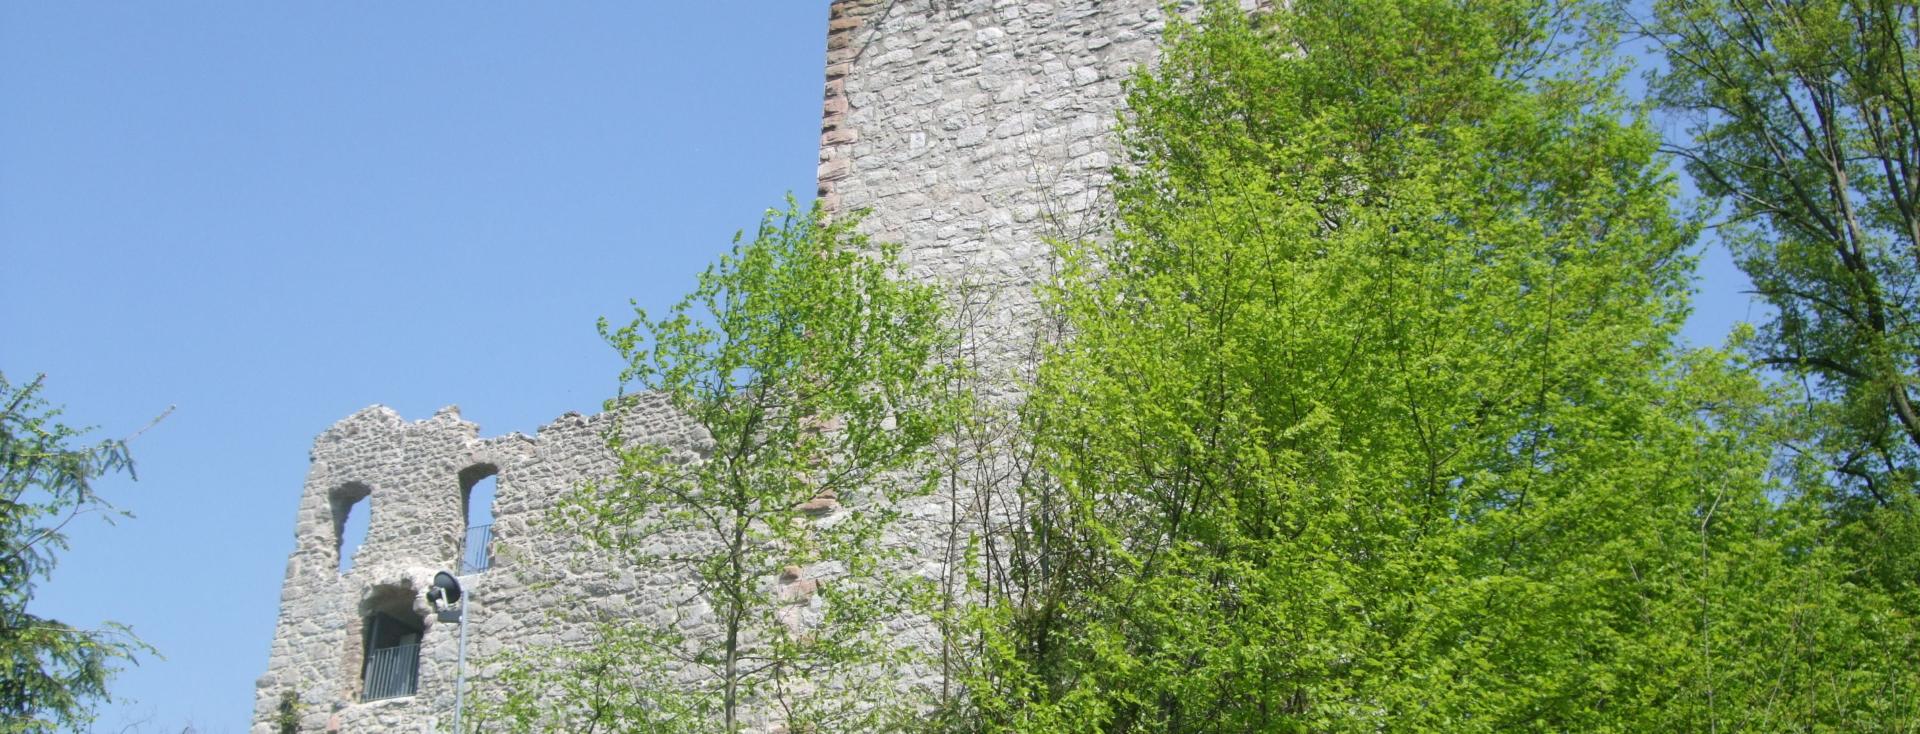 Foto: Burg Neuwindeck, Außenmauern hinter Bäumen